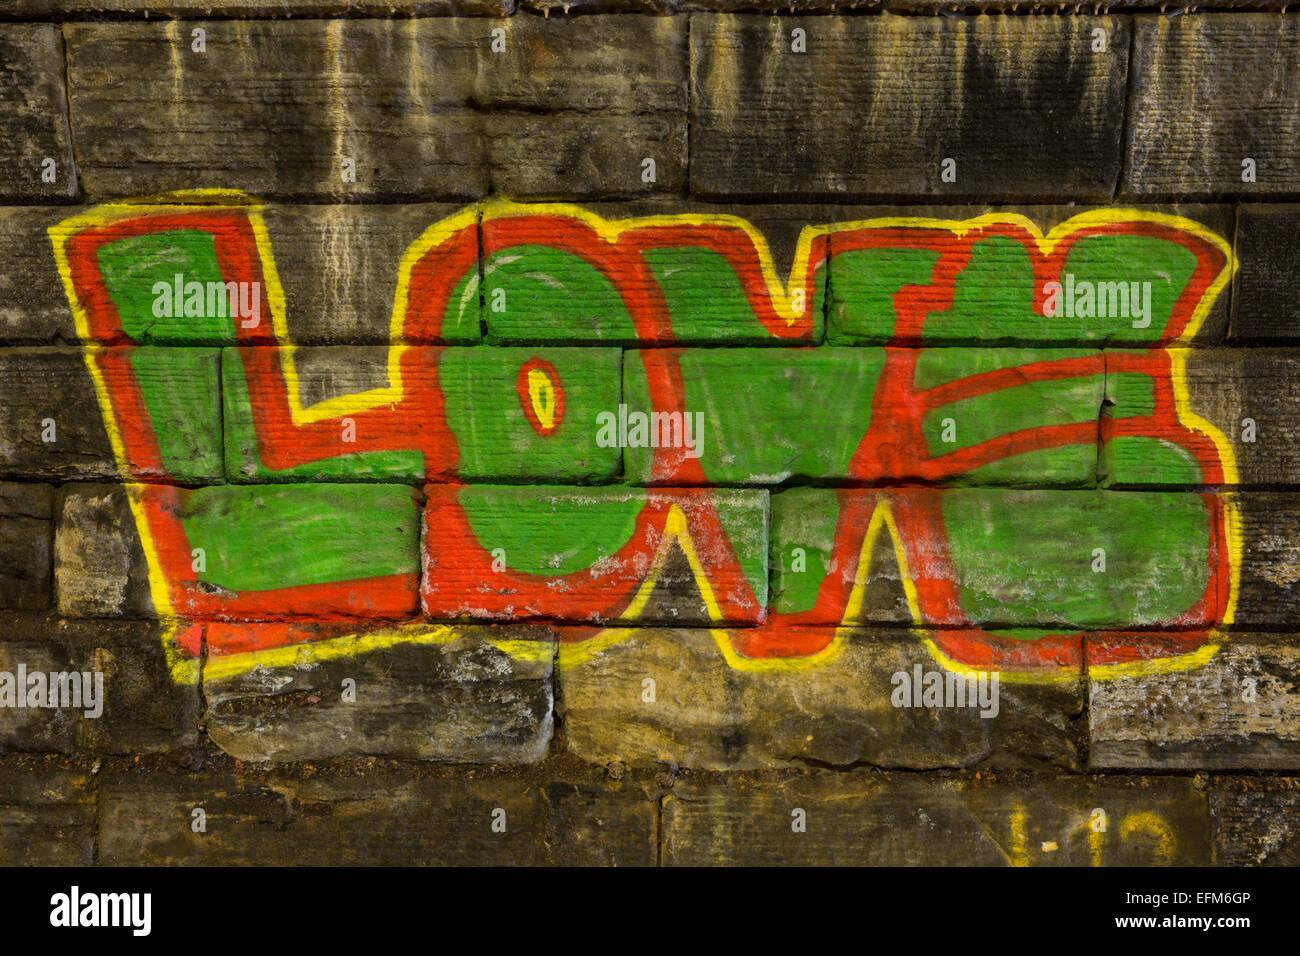 Graffiti en el muro de la calle rodney túnel en edimburgo con la palabra amor en rojo verde y amarillo